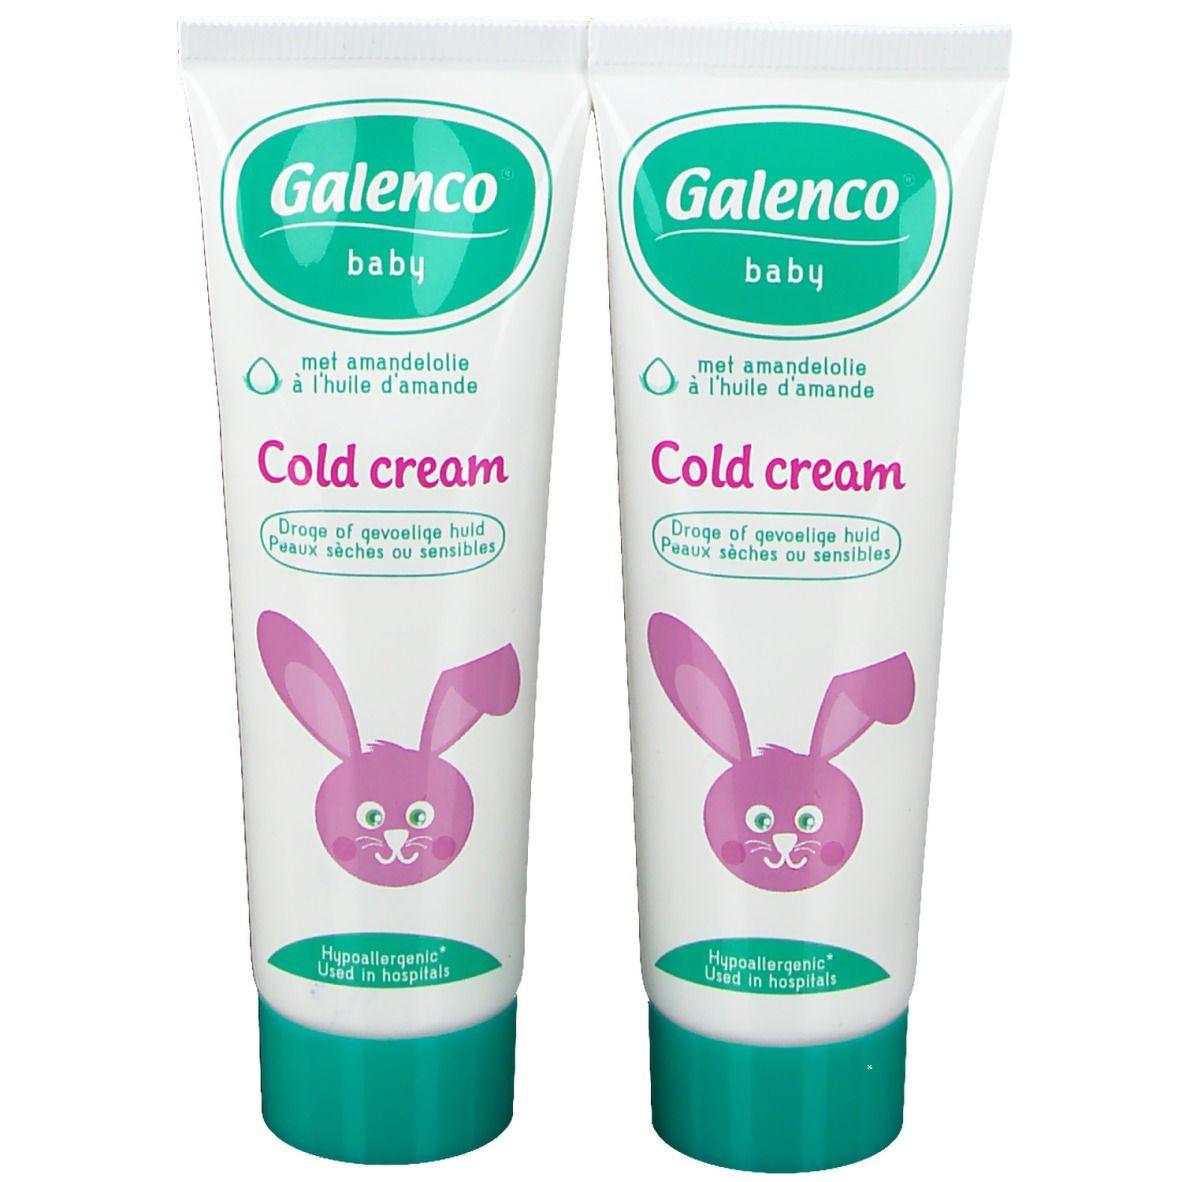 Galenco Baby Cold Cream